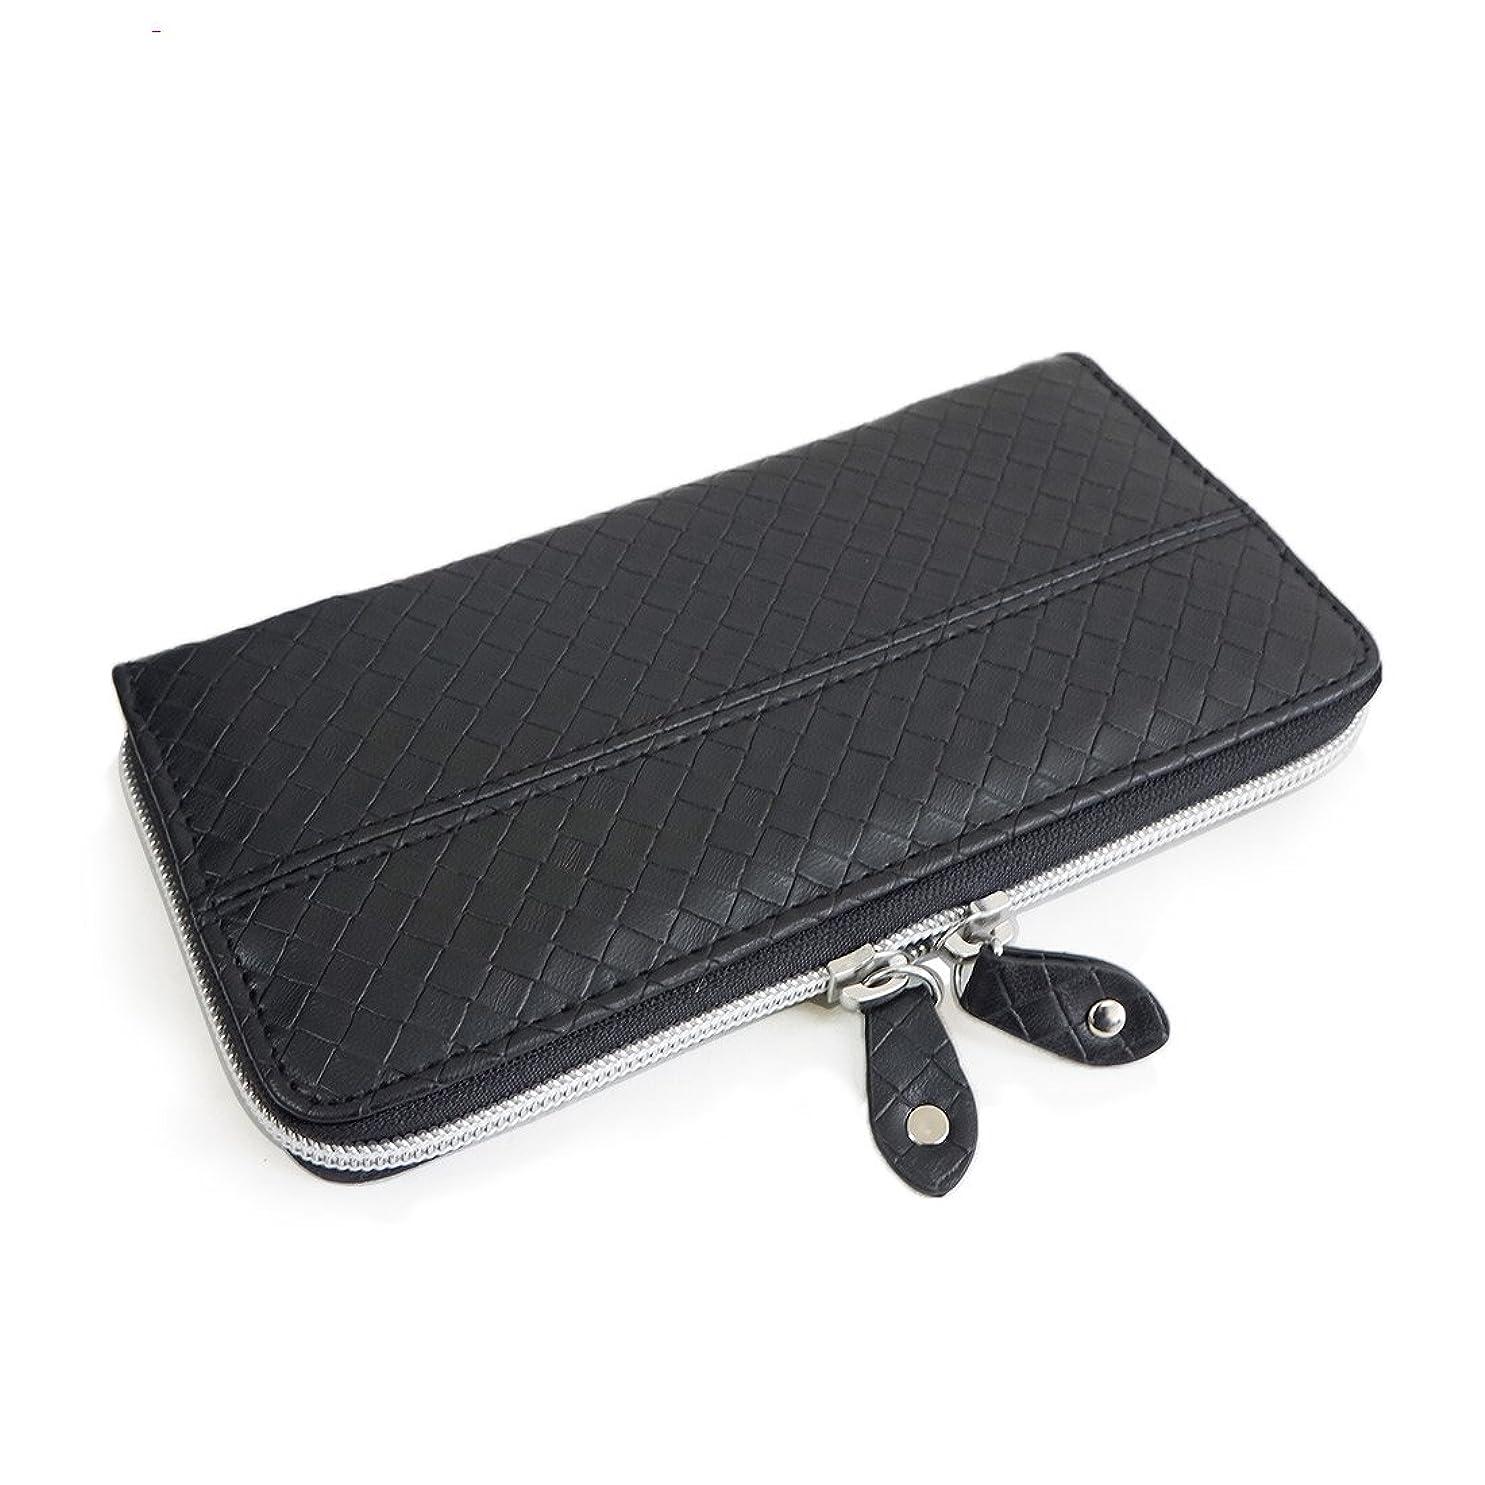 悪意インシュレータ相談財布 長財布 メンズ レディース ラウンド ウォレット ダブルファスナー 型押し キーズ Keys